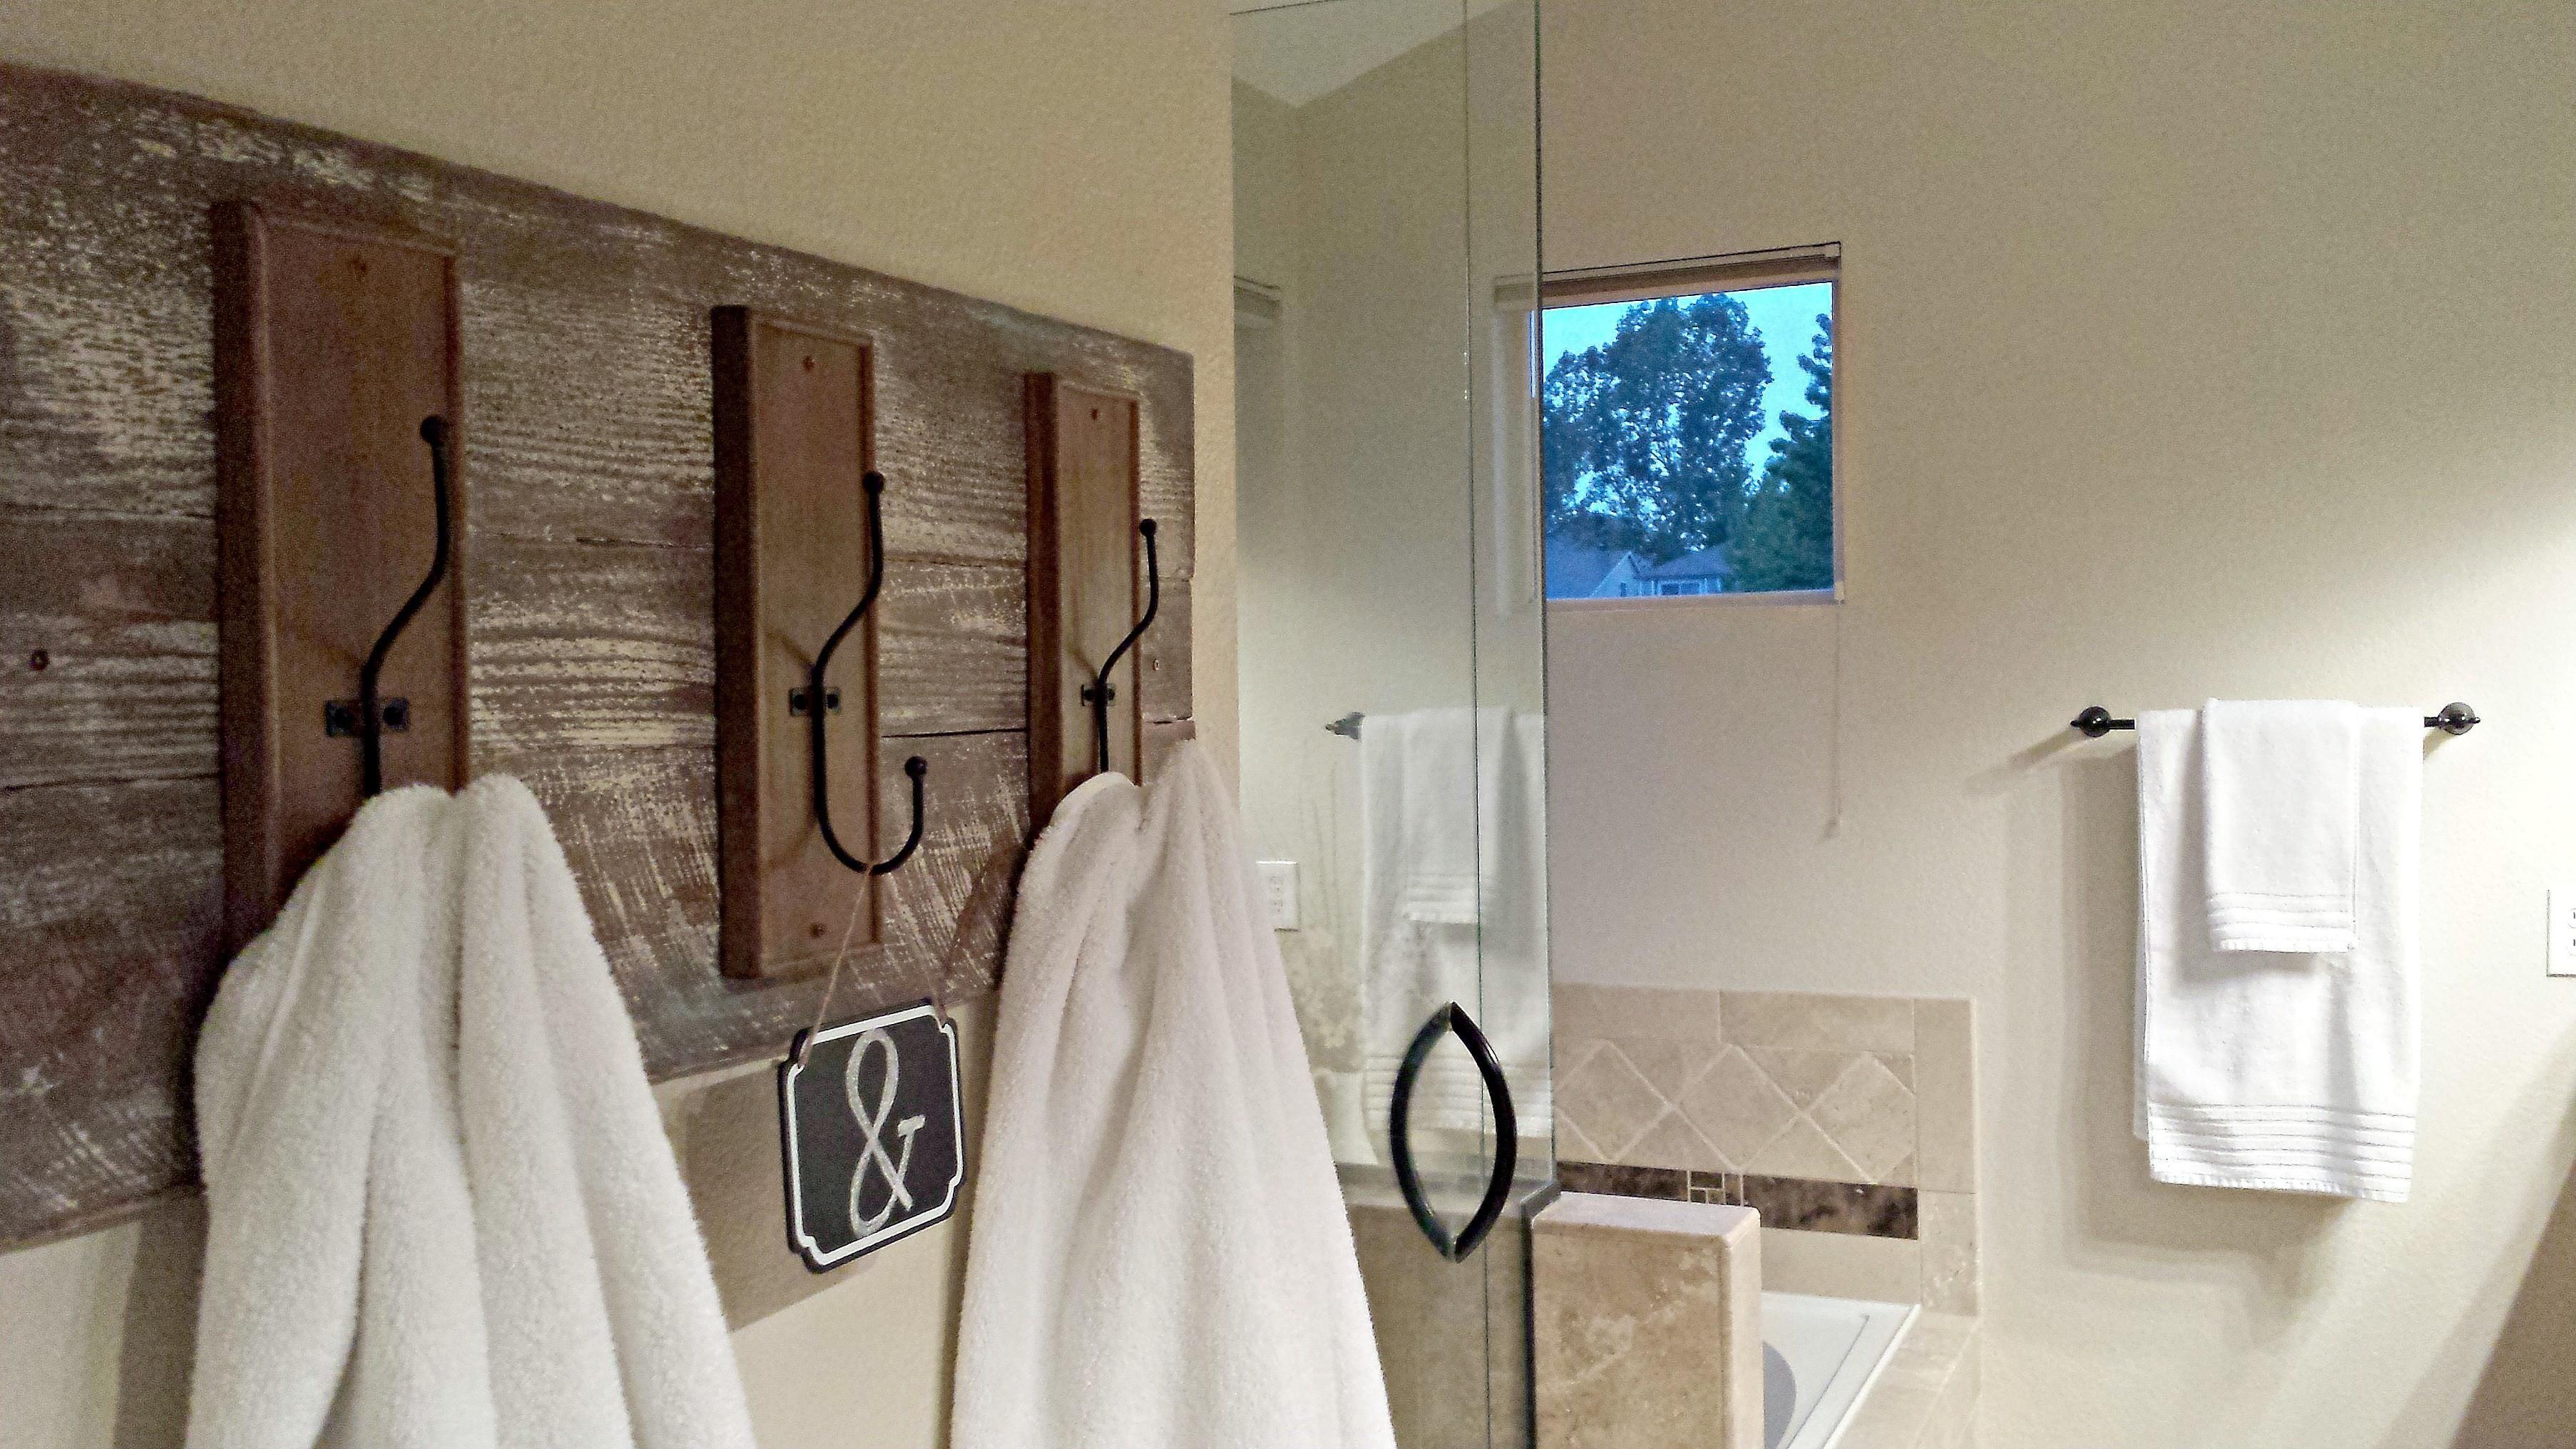 36 elegant rustic diy towel organizer